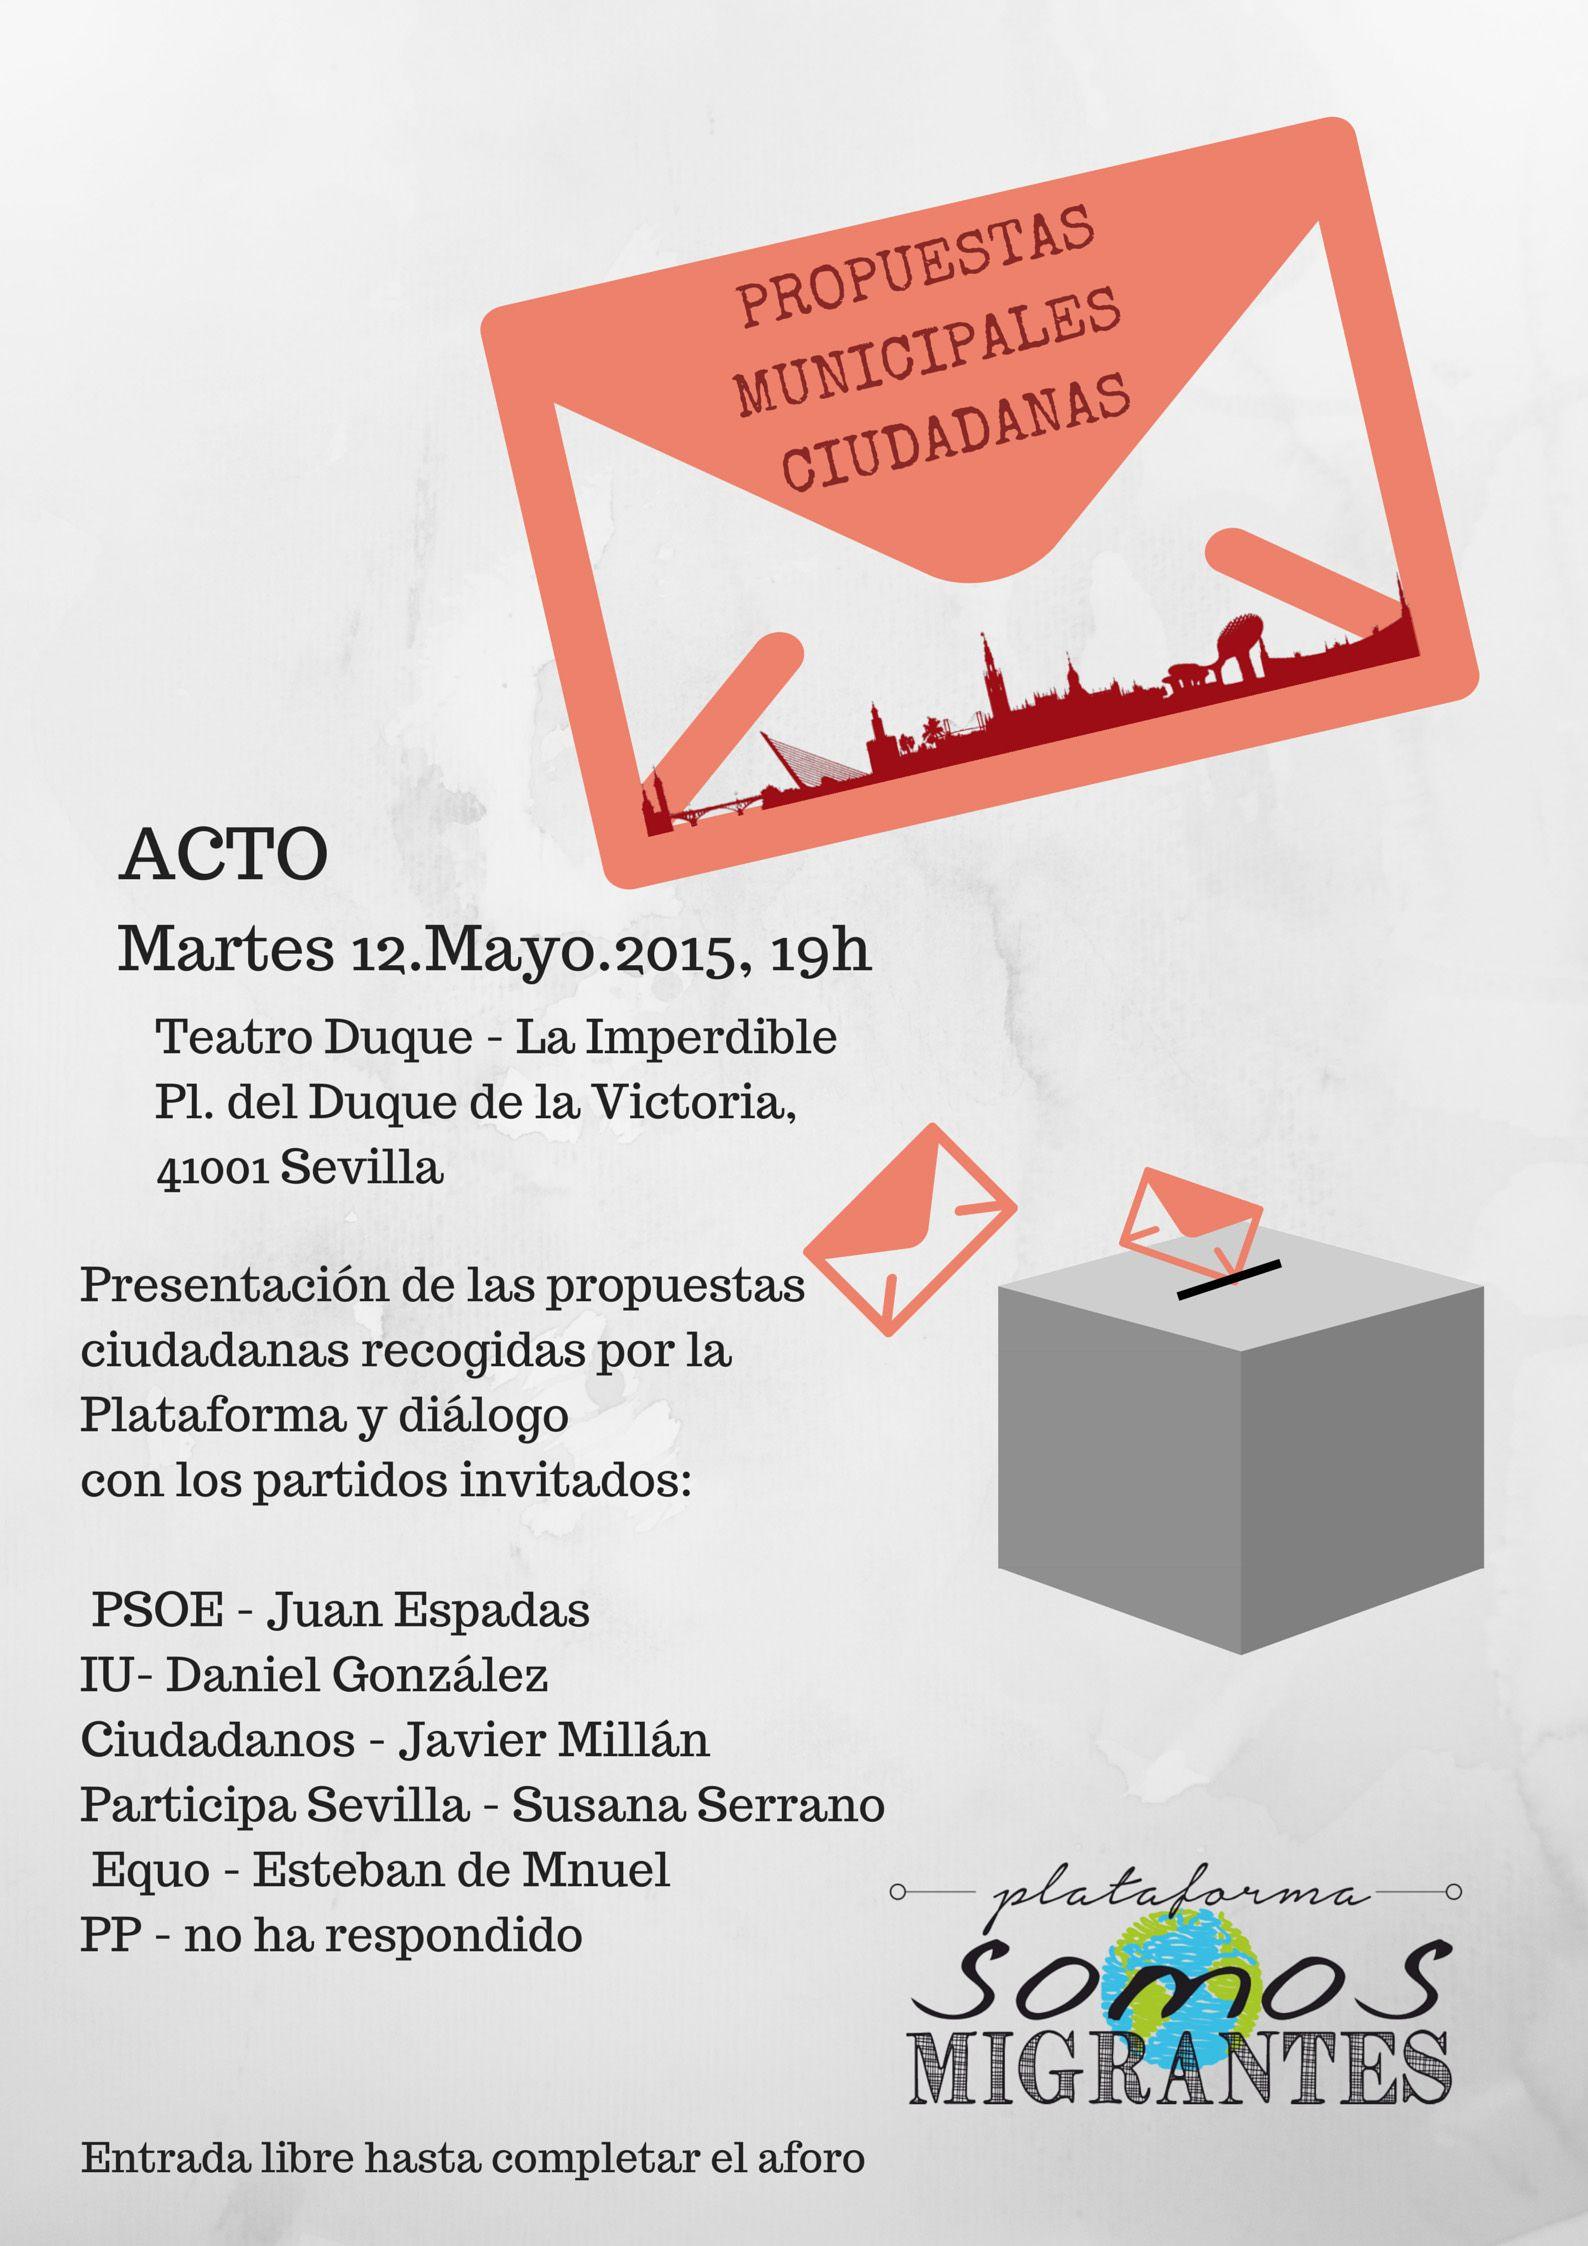 acto-municipales-somos-migrantes-copia